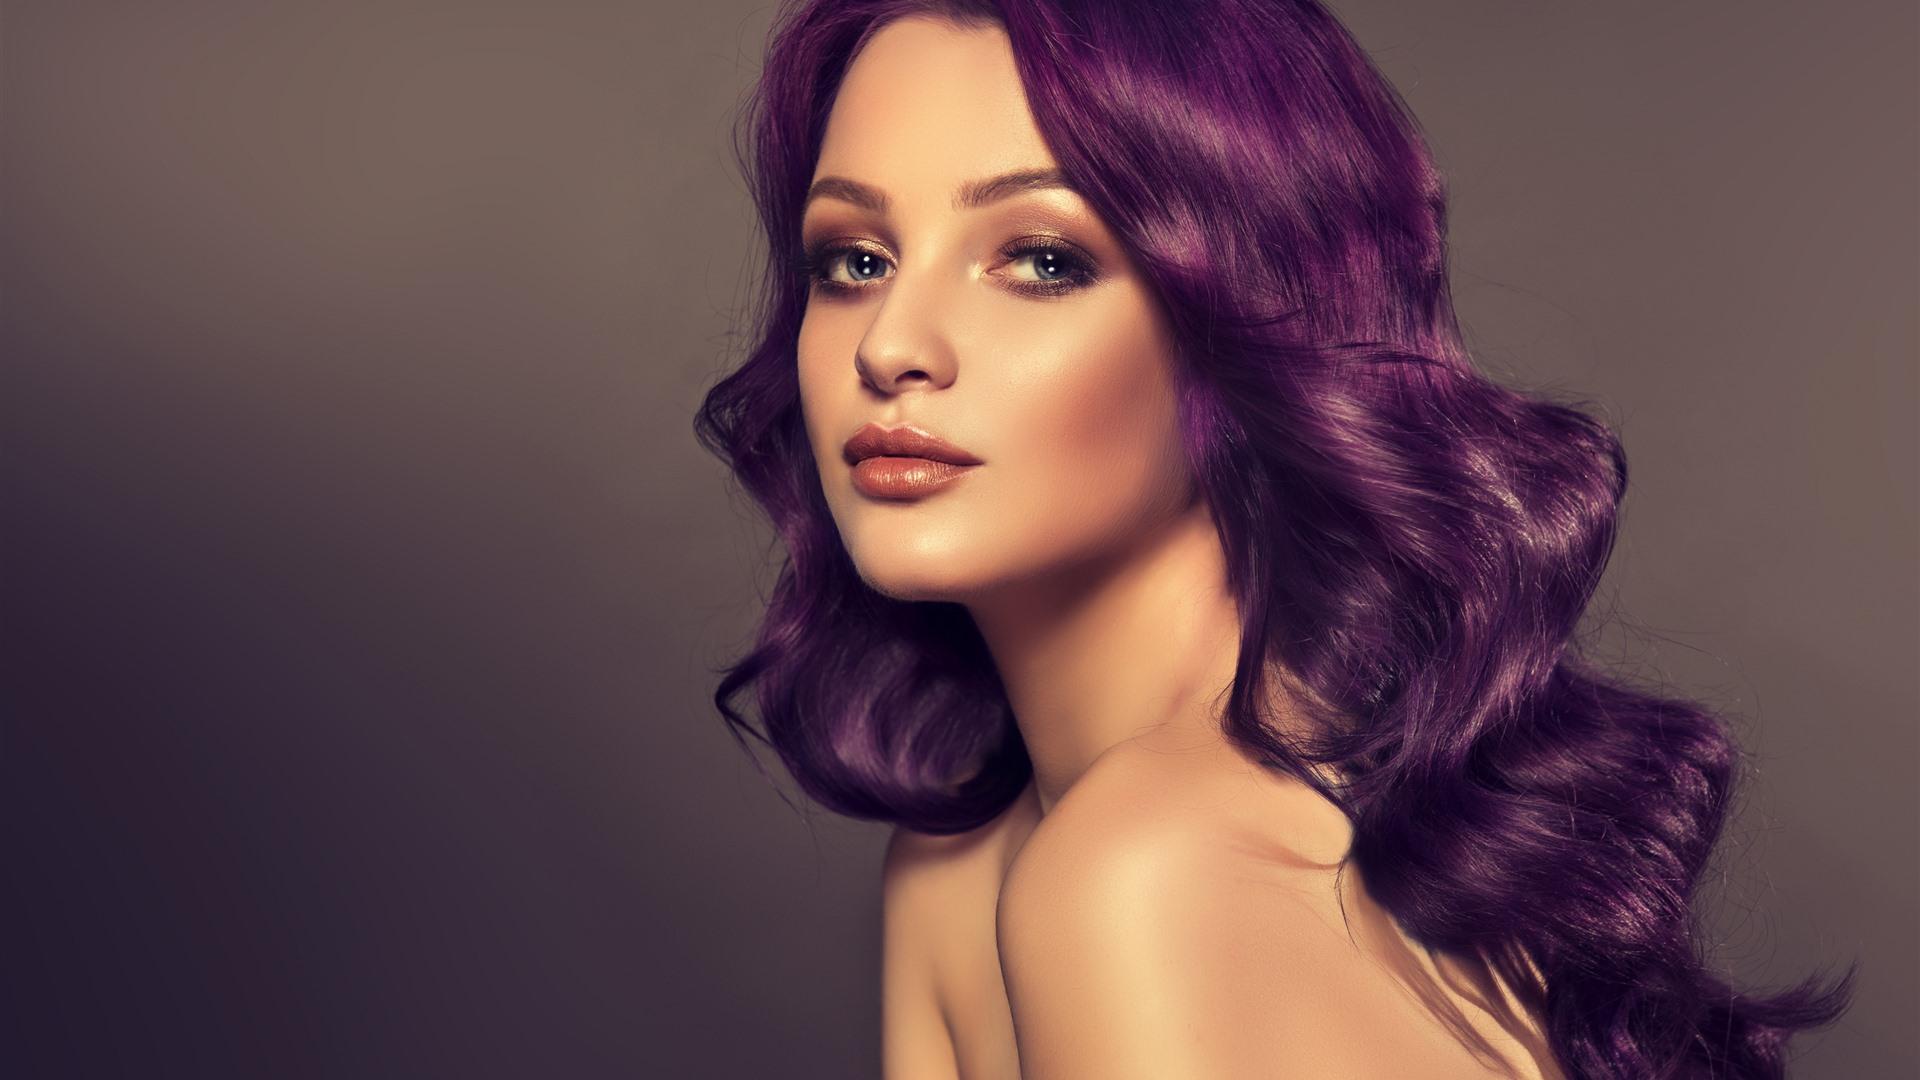 Wallpaper Purple hair girl, hairstyle, face, fashion 2880x1800 HD ...